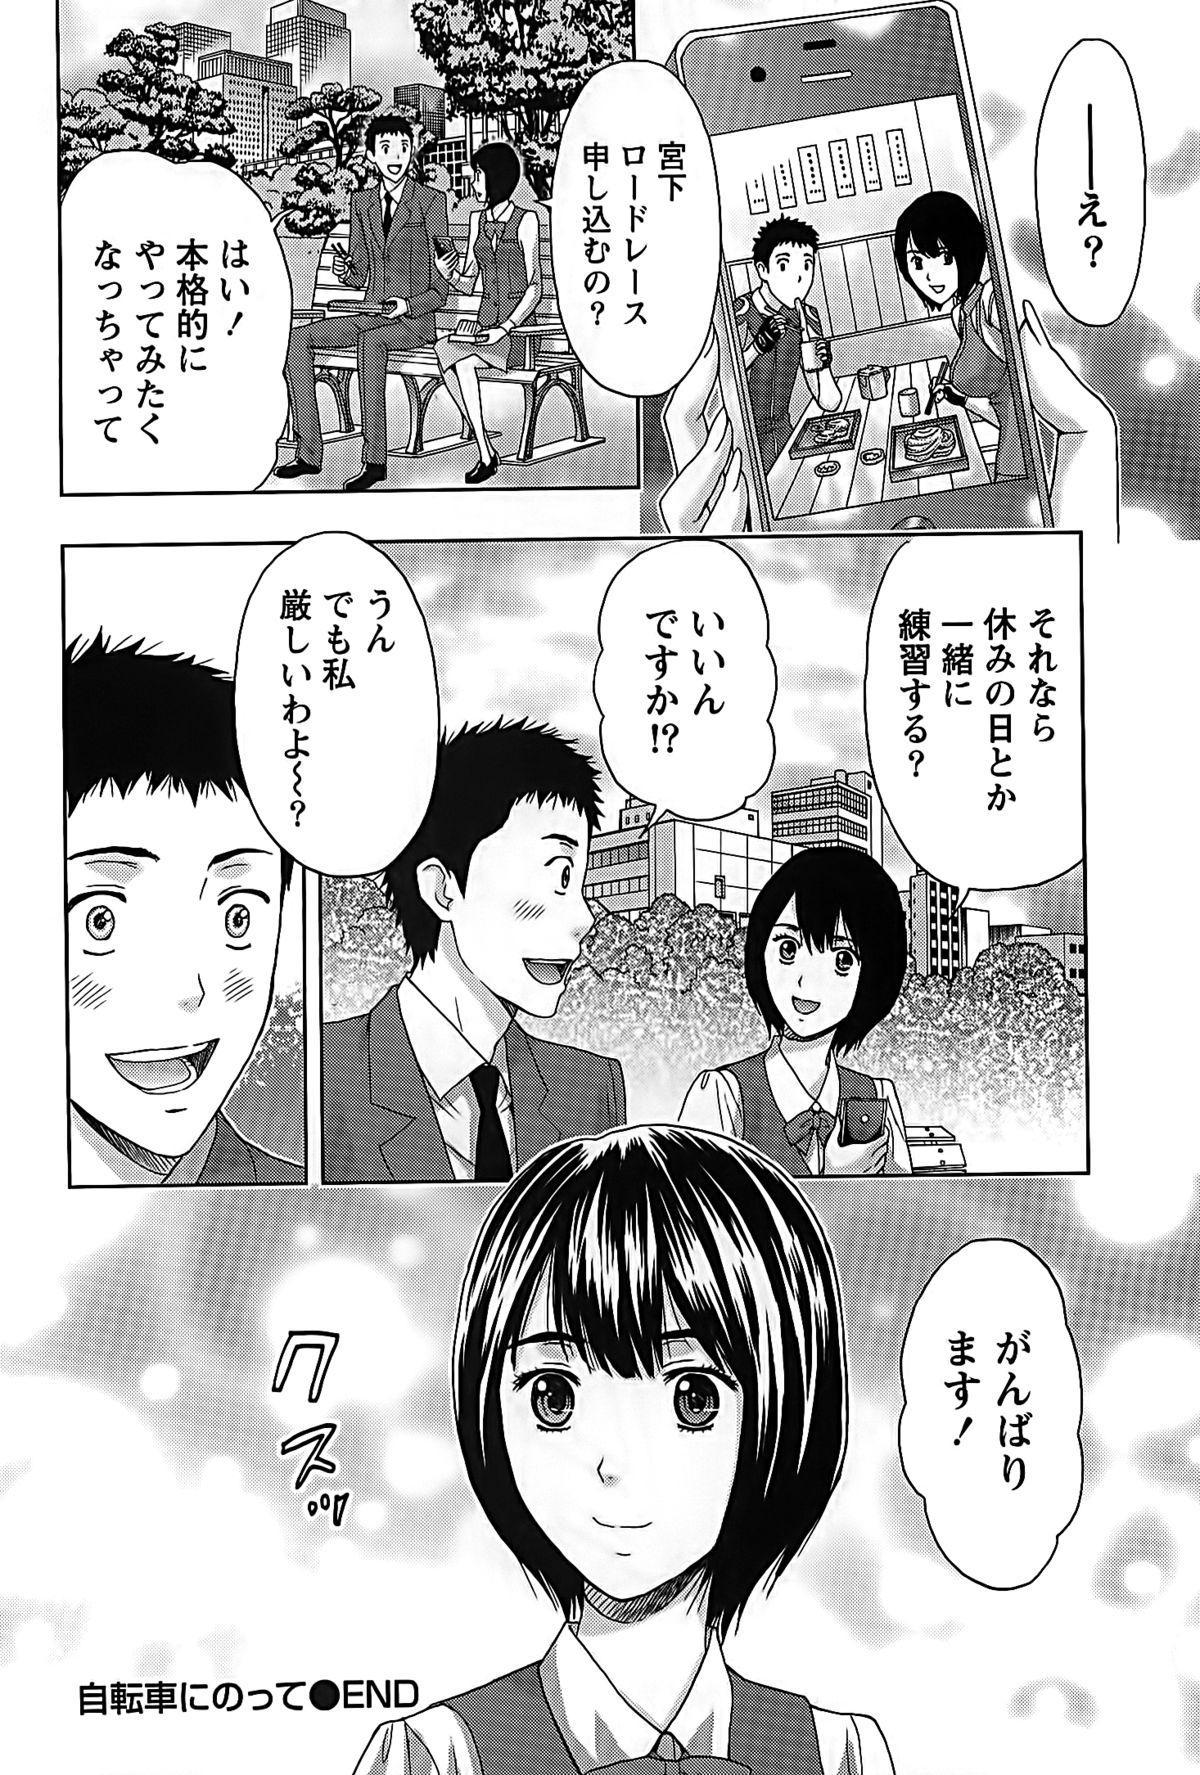 Shittori Lady to Amai Mitsu 23